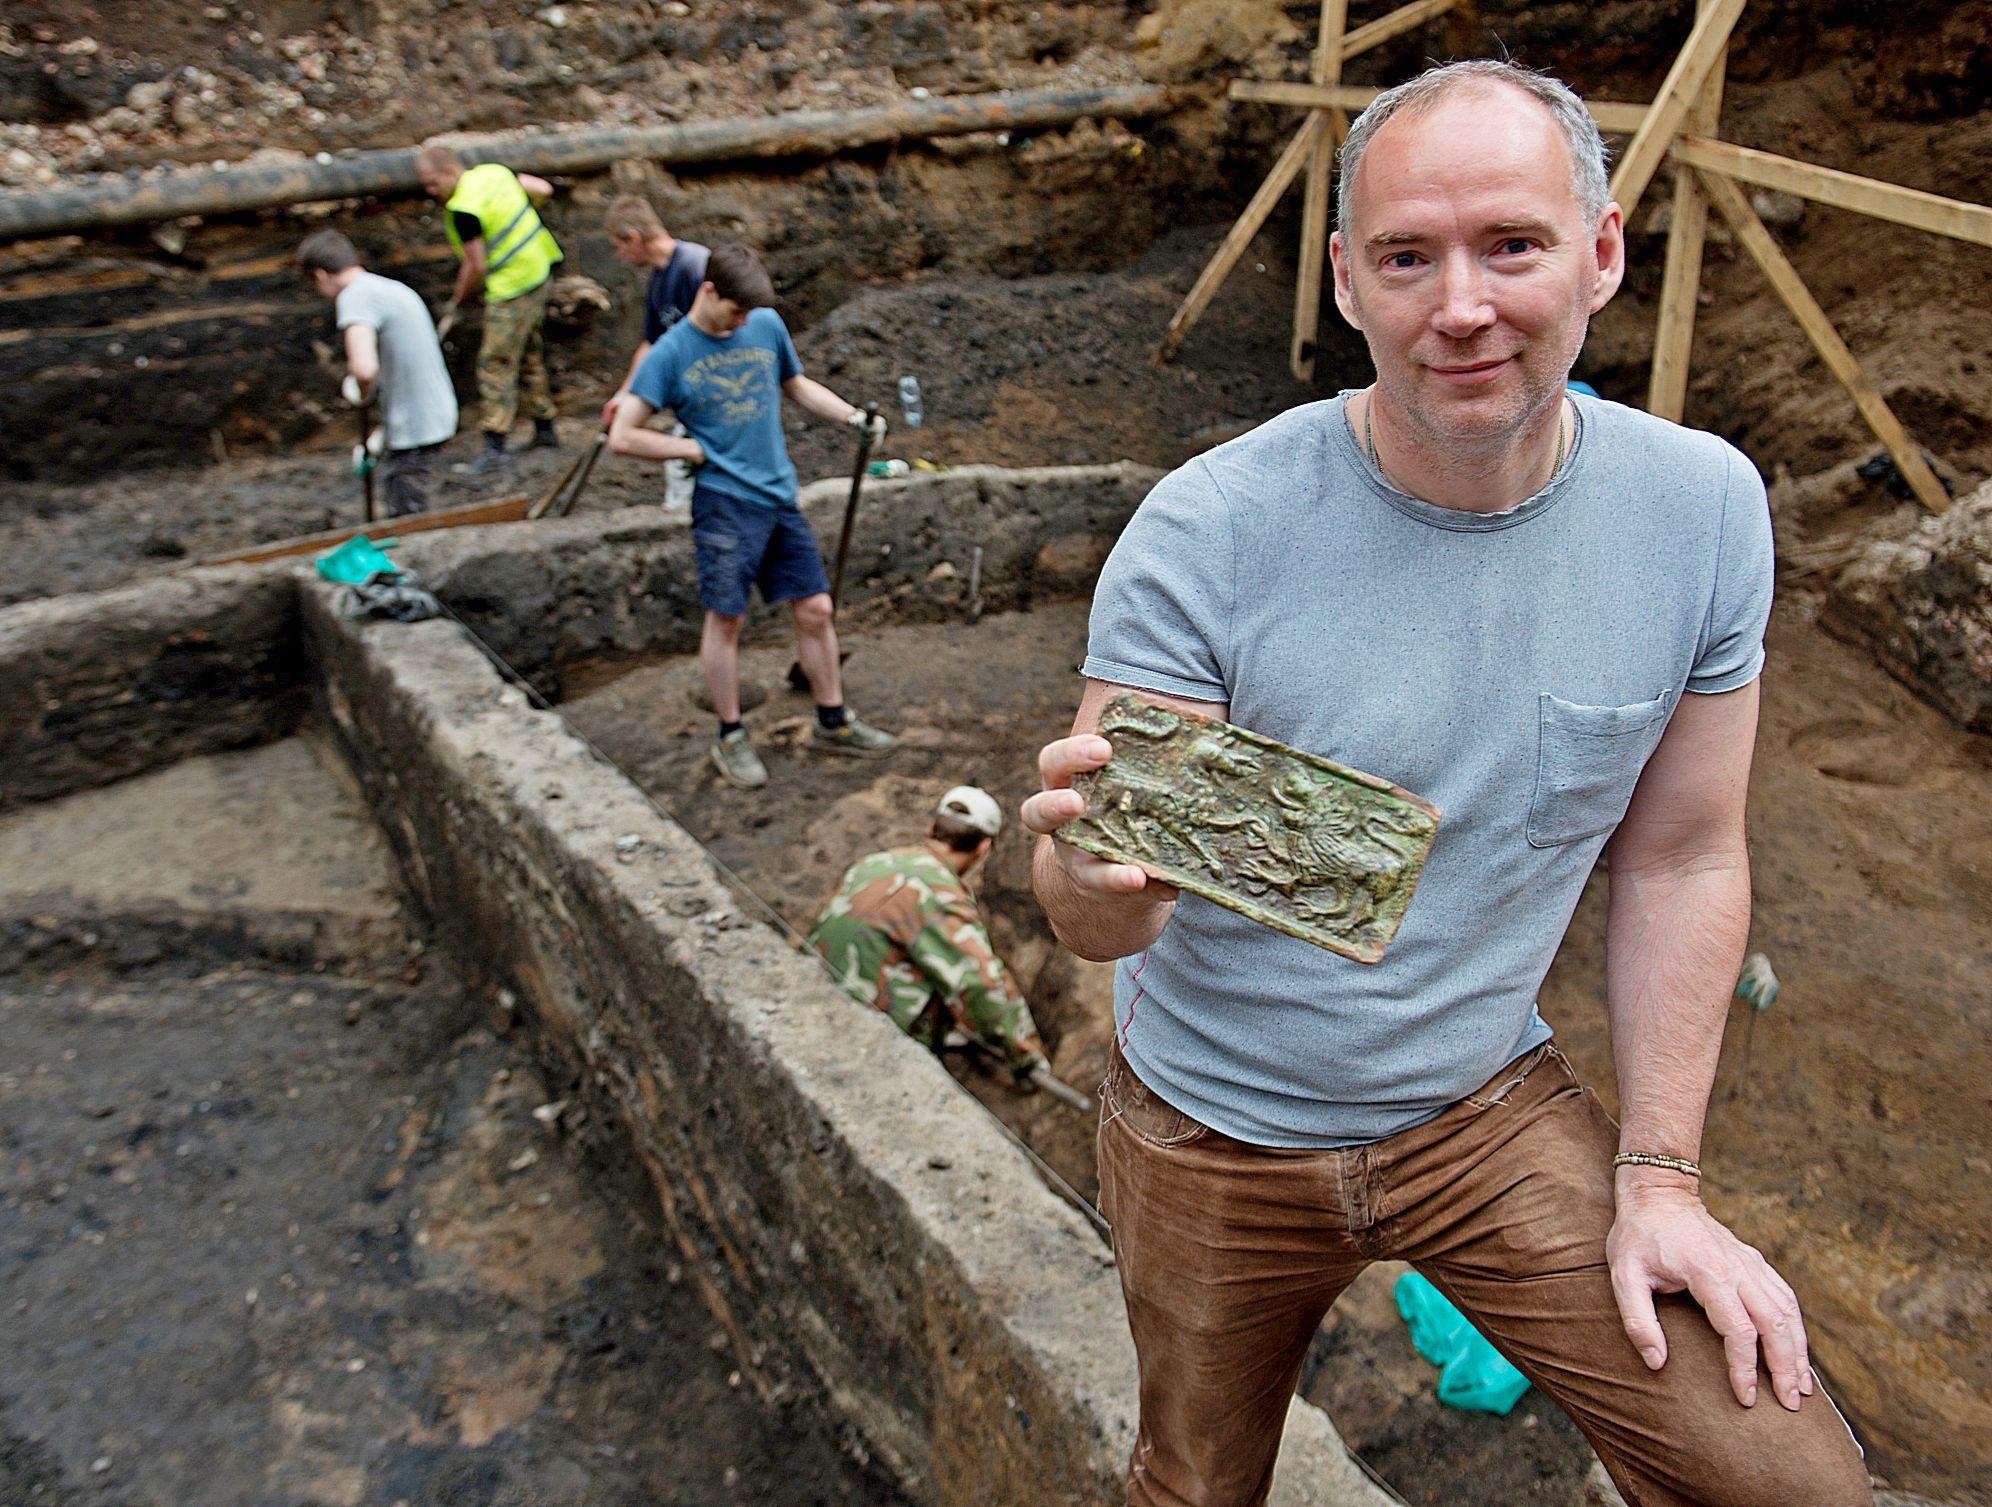 За три года отреставрировано 40 тысяч артефактов. Фото: Наталья Феоктистова